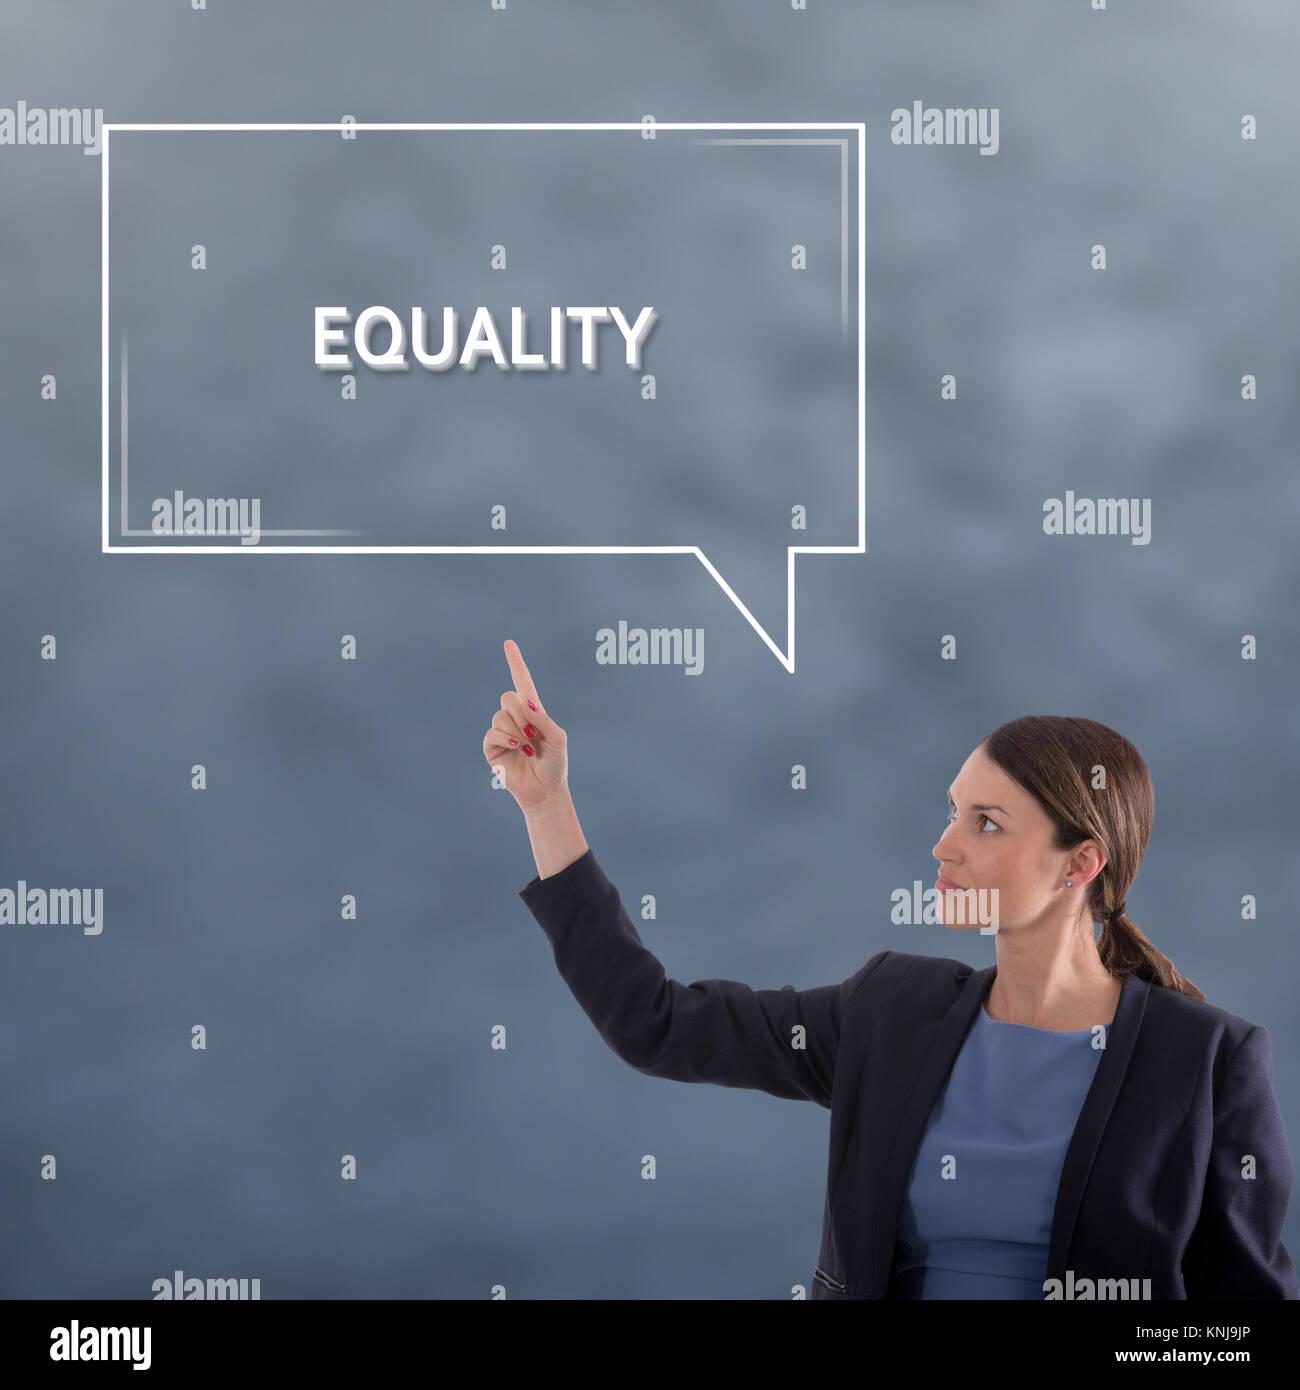 Uguaglianza la concezione di business. Business donna concetto grafico Immagini Stock